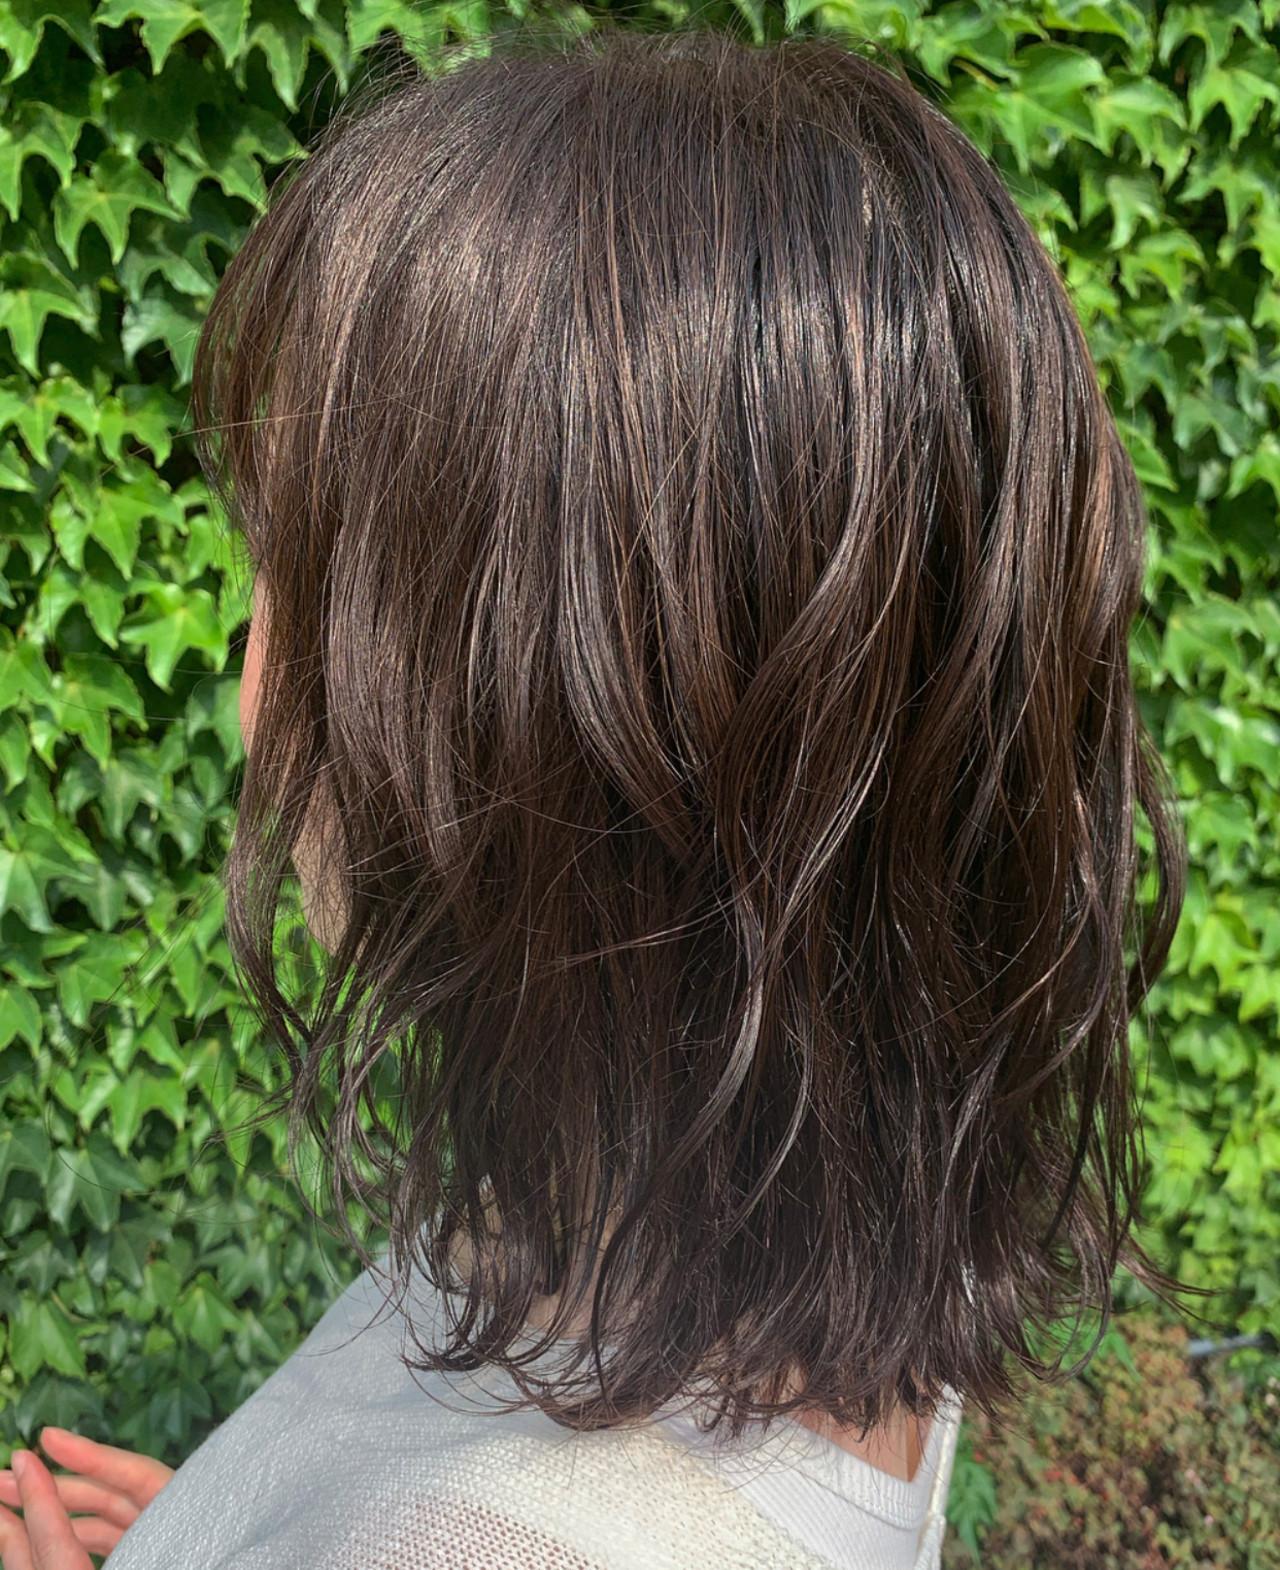 ミディアム ラベージュ ウルフカット 大人ハイライト ヘアスタイルや髪型の写真・画像